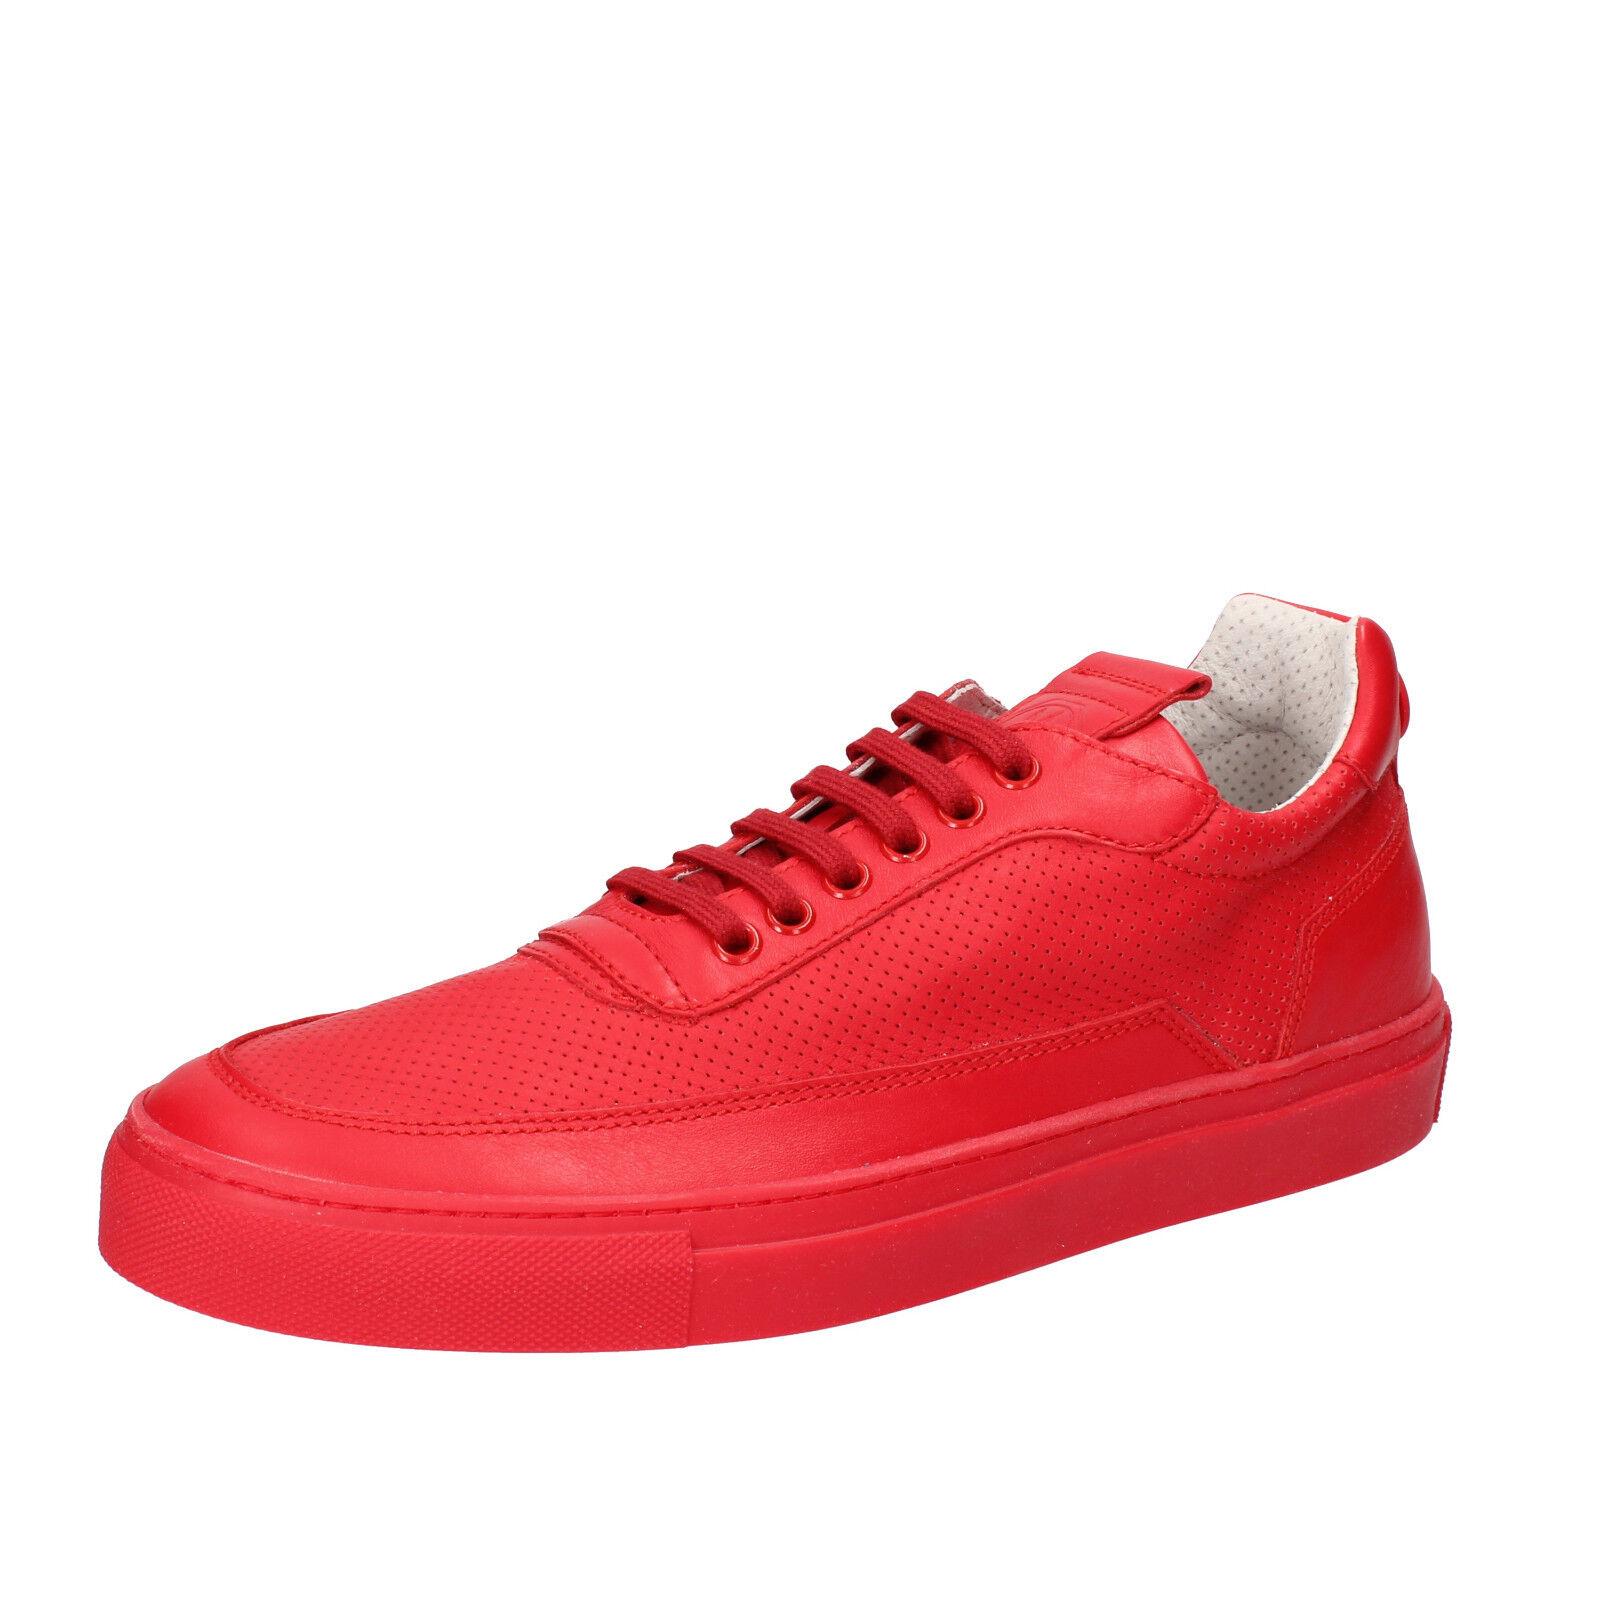 Herren schuhe MARIANO DI VAIO 44 EU sneakers rot leder AB776-G